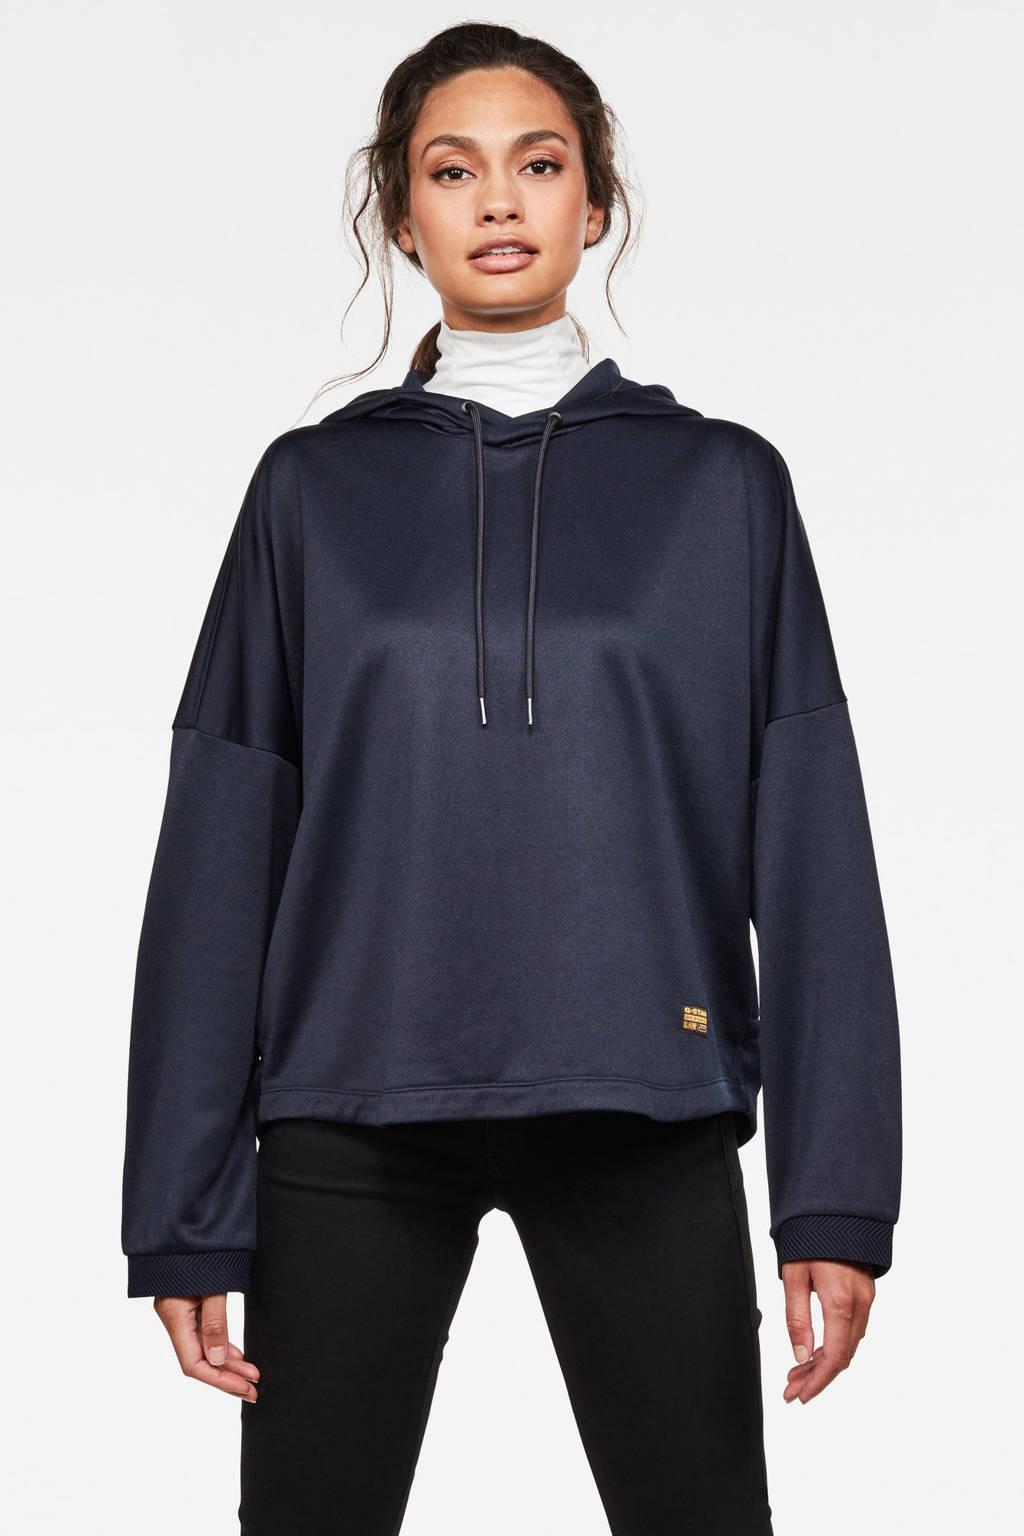 G-Star RAW hoodie Vemery vintage navy cobler